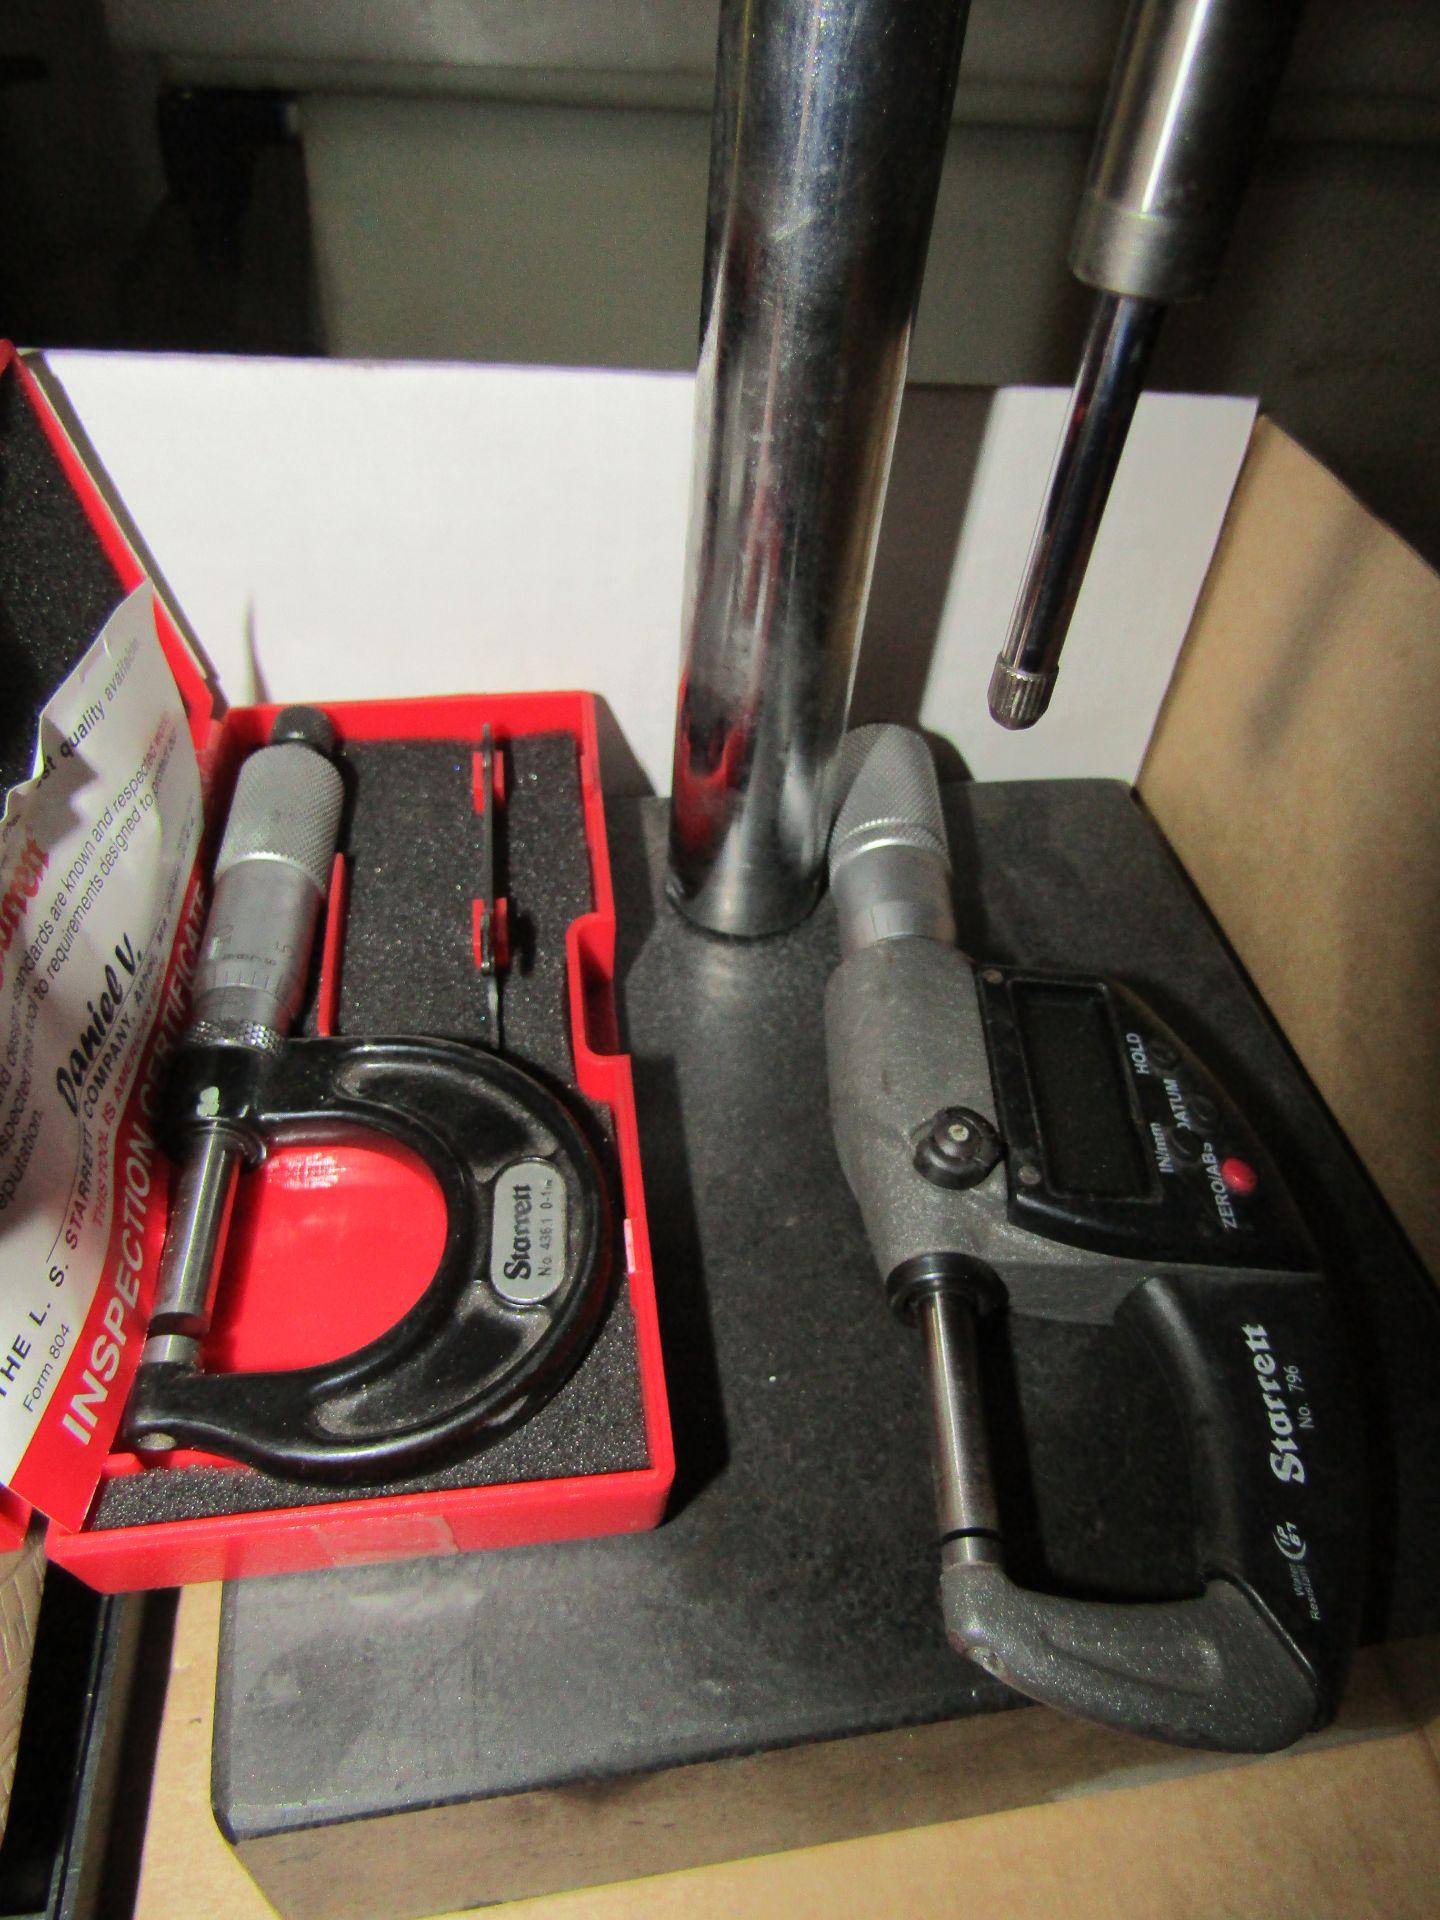 Lot 43 - Lot to Include: Teclock Depth Gauge With Granite Base, Digital Caliper, Digital Micrometer, Misc.